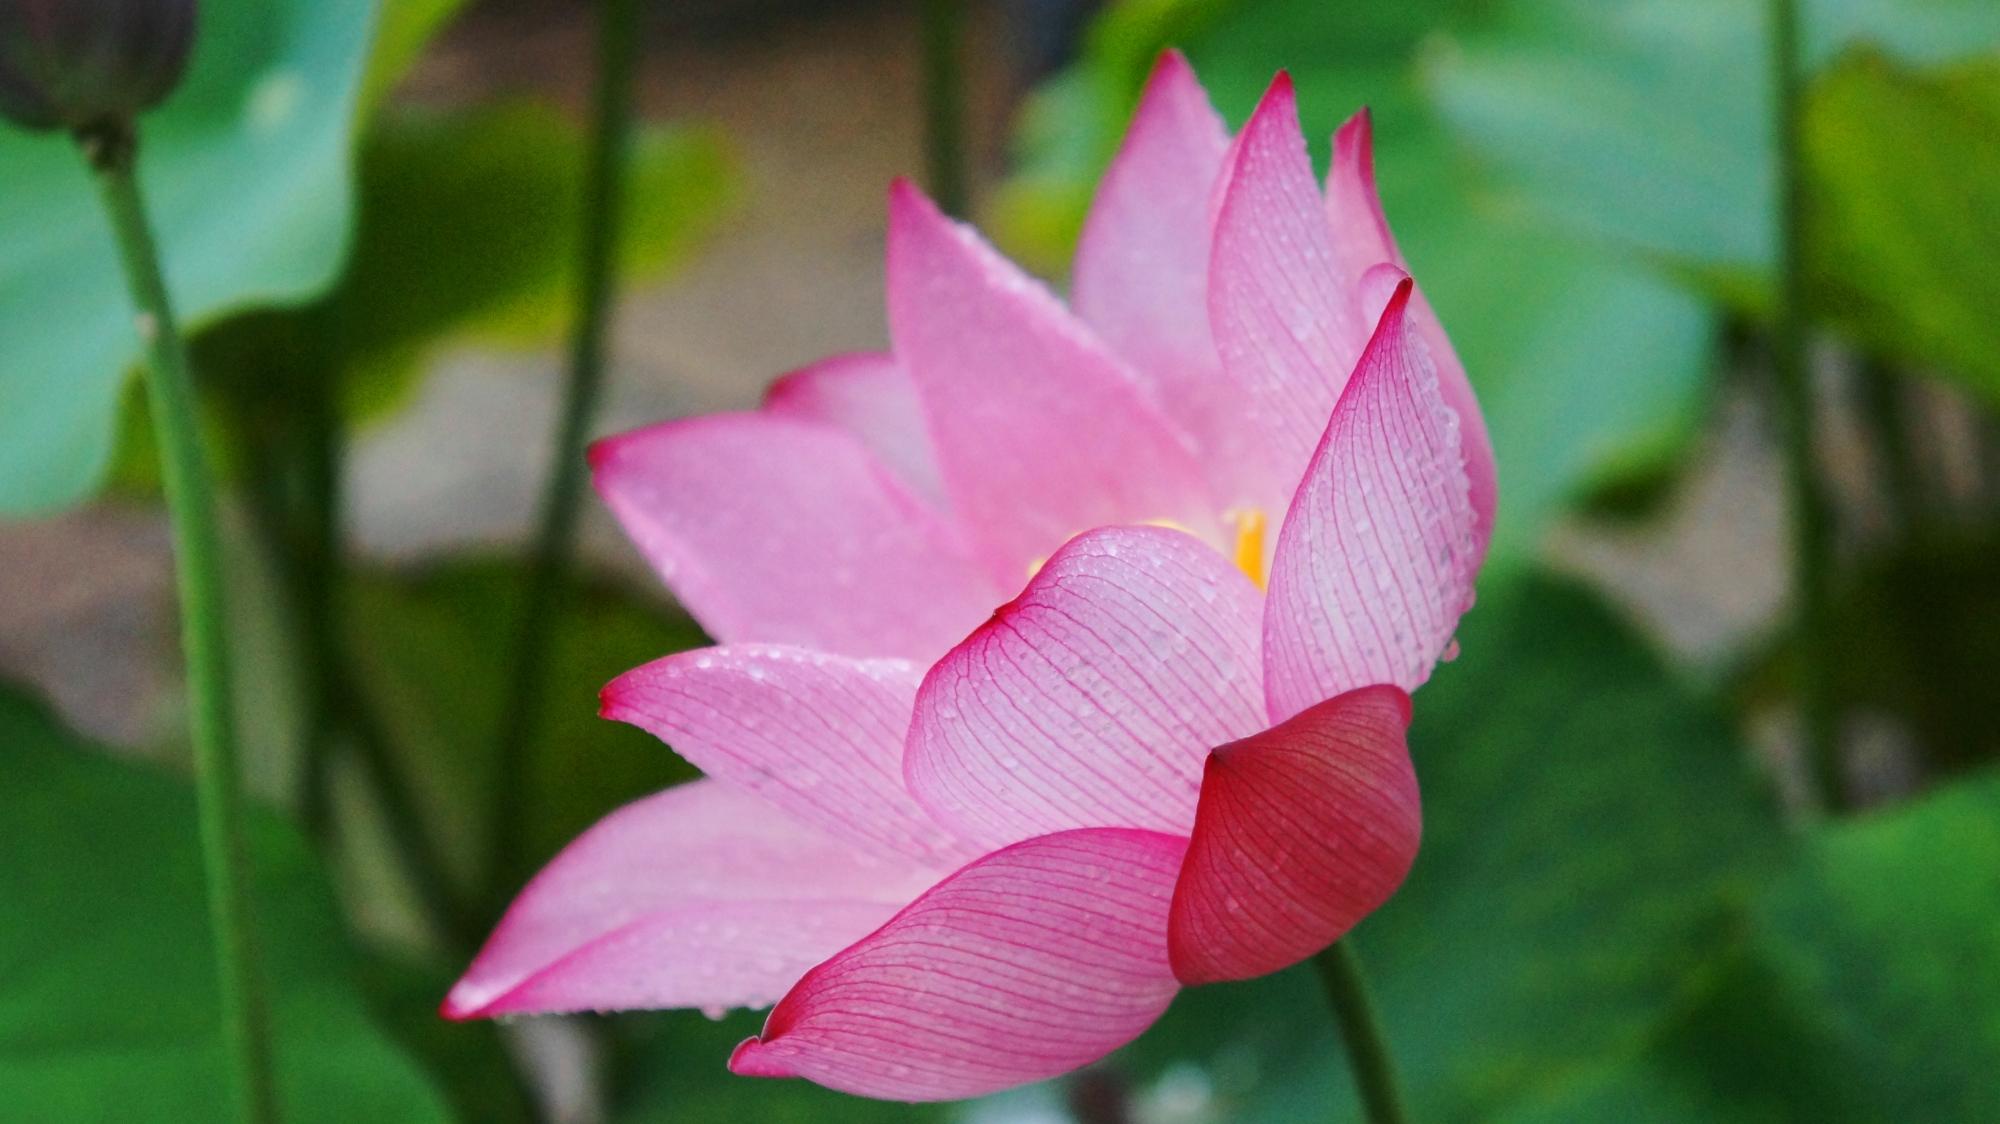 雨に濡れてほのかに光るようなピンクの蓮の花